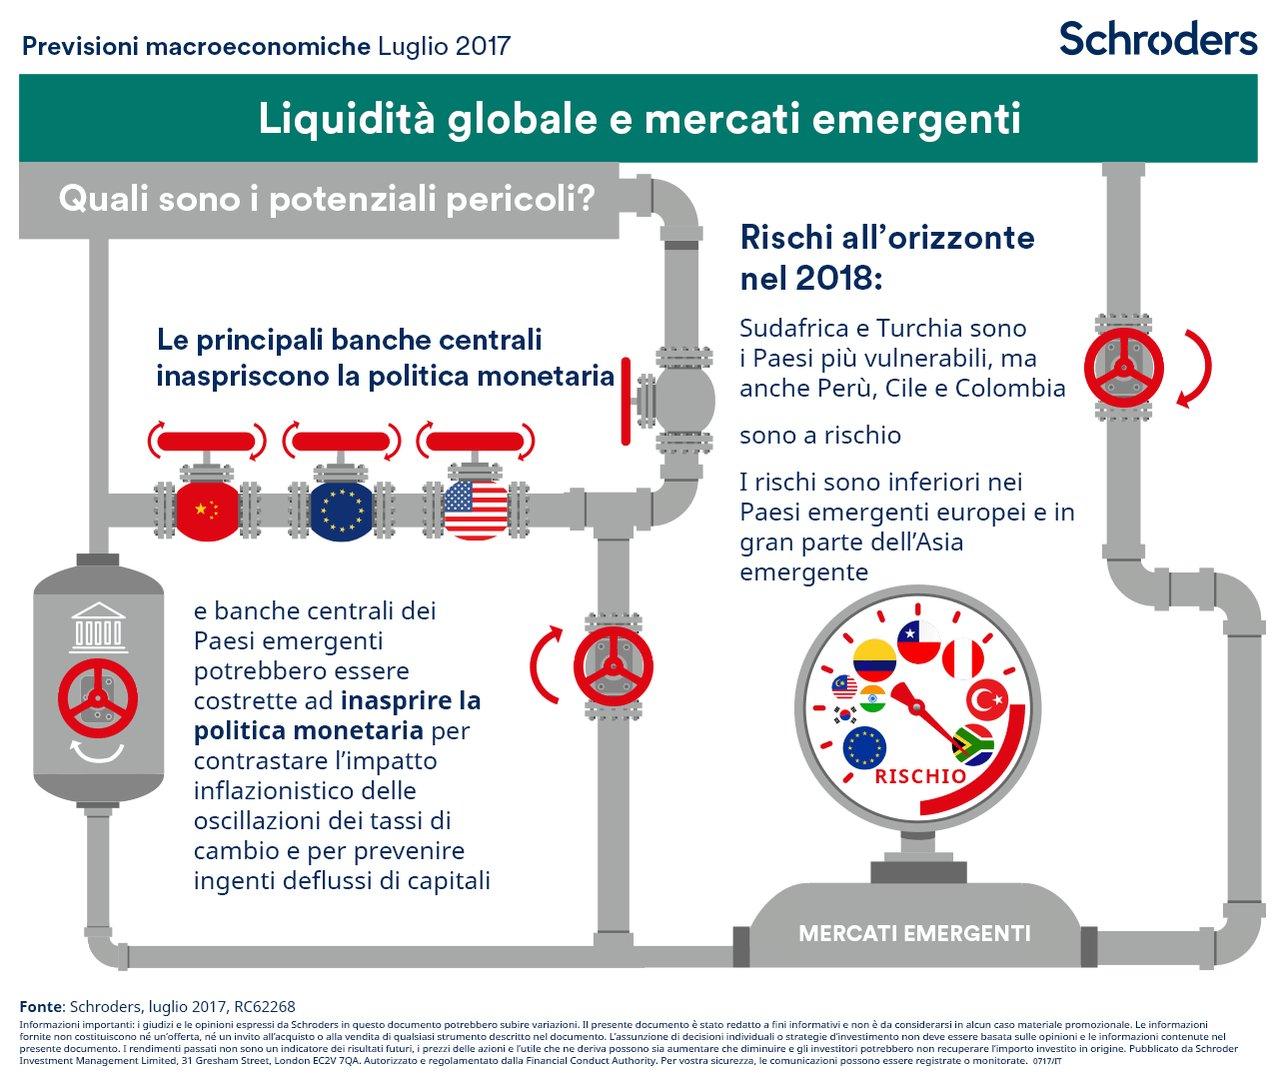 Emergenti e liquidità globale, quali sono i rischi potenziali nel 2018? https://t.co/gEFfC79Mzh